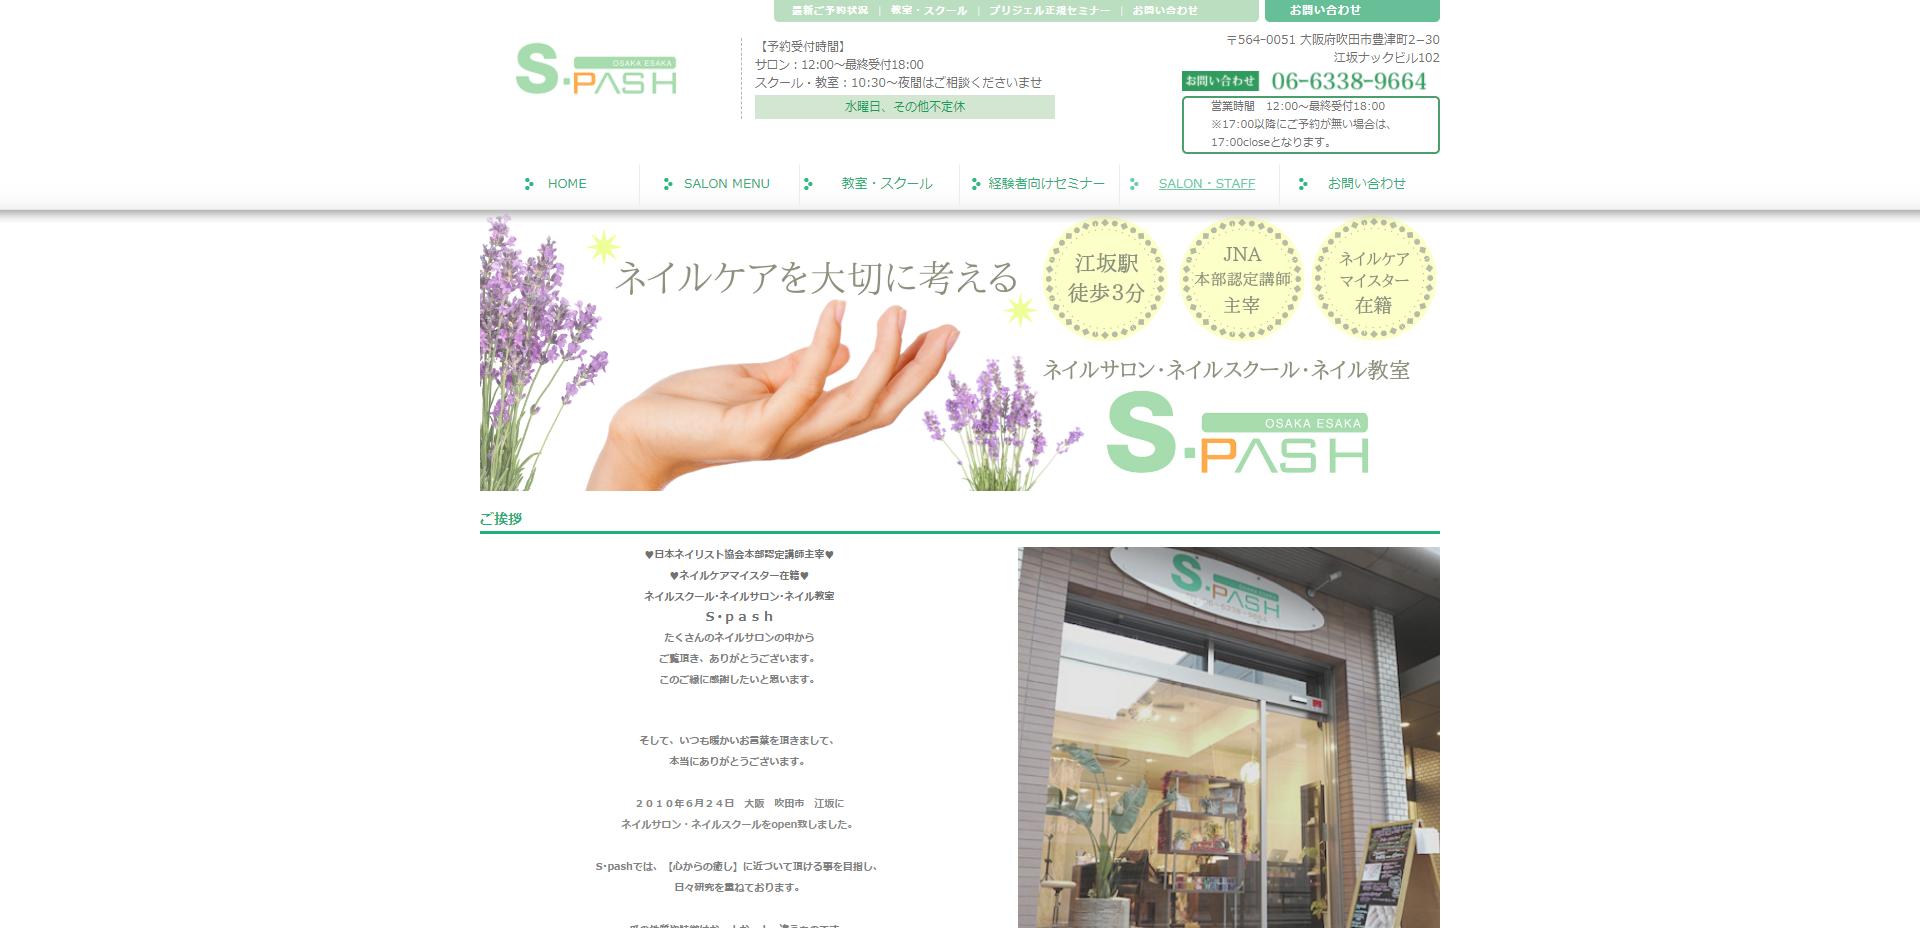 S・pash(スパッシュ)